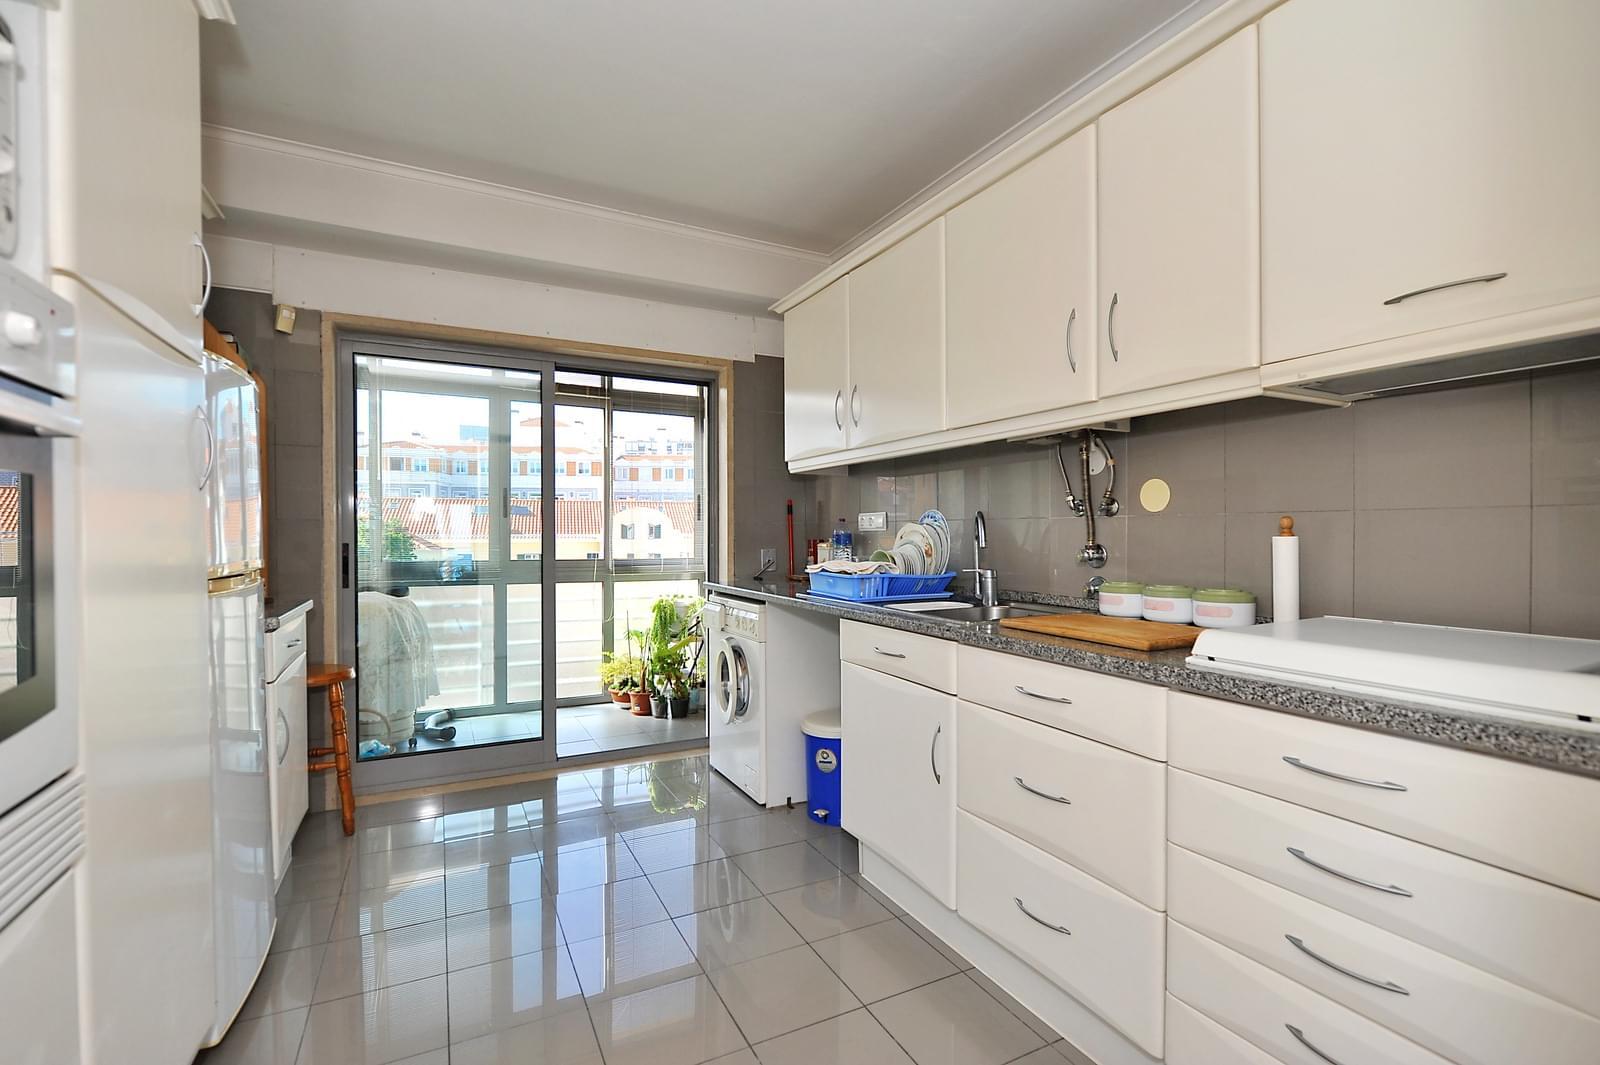 pf16999-apartamento-t2-oeiras-0a50046f-9589-428c-9e39-30781d3f0e99